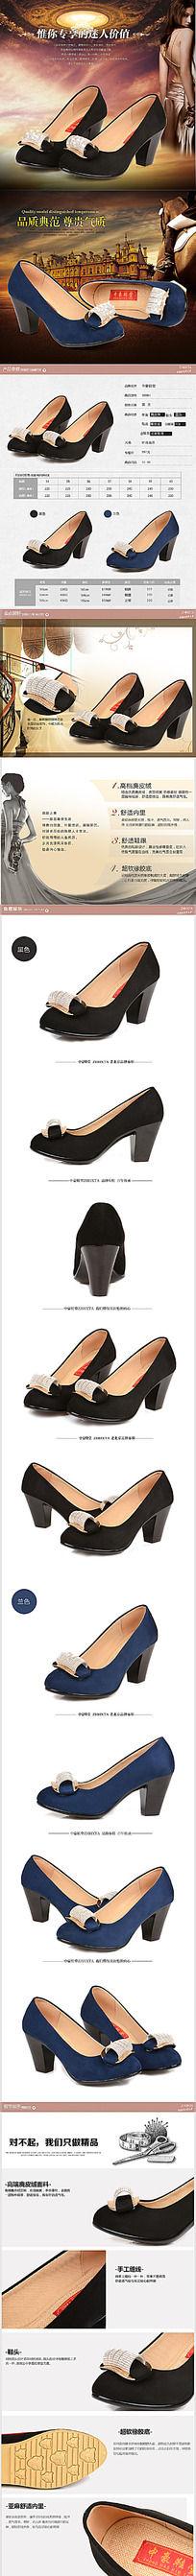 时尚高跟女鞋淘宝宝贝详情页